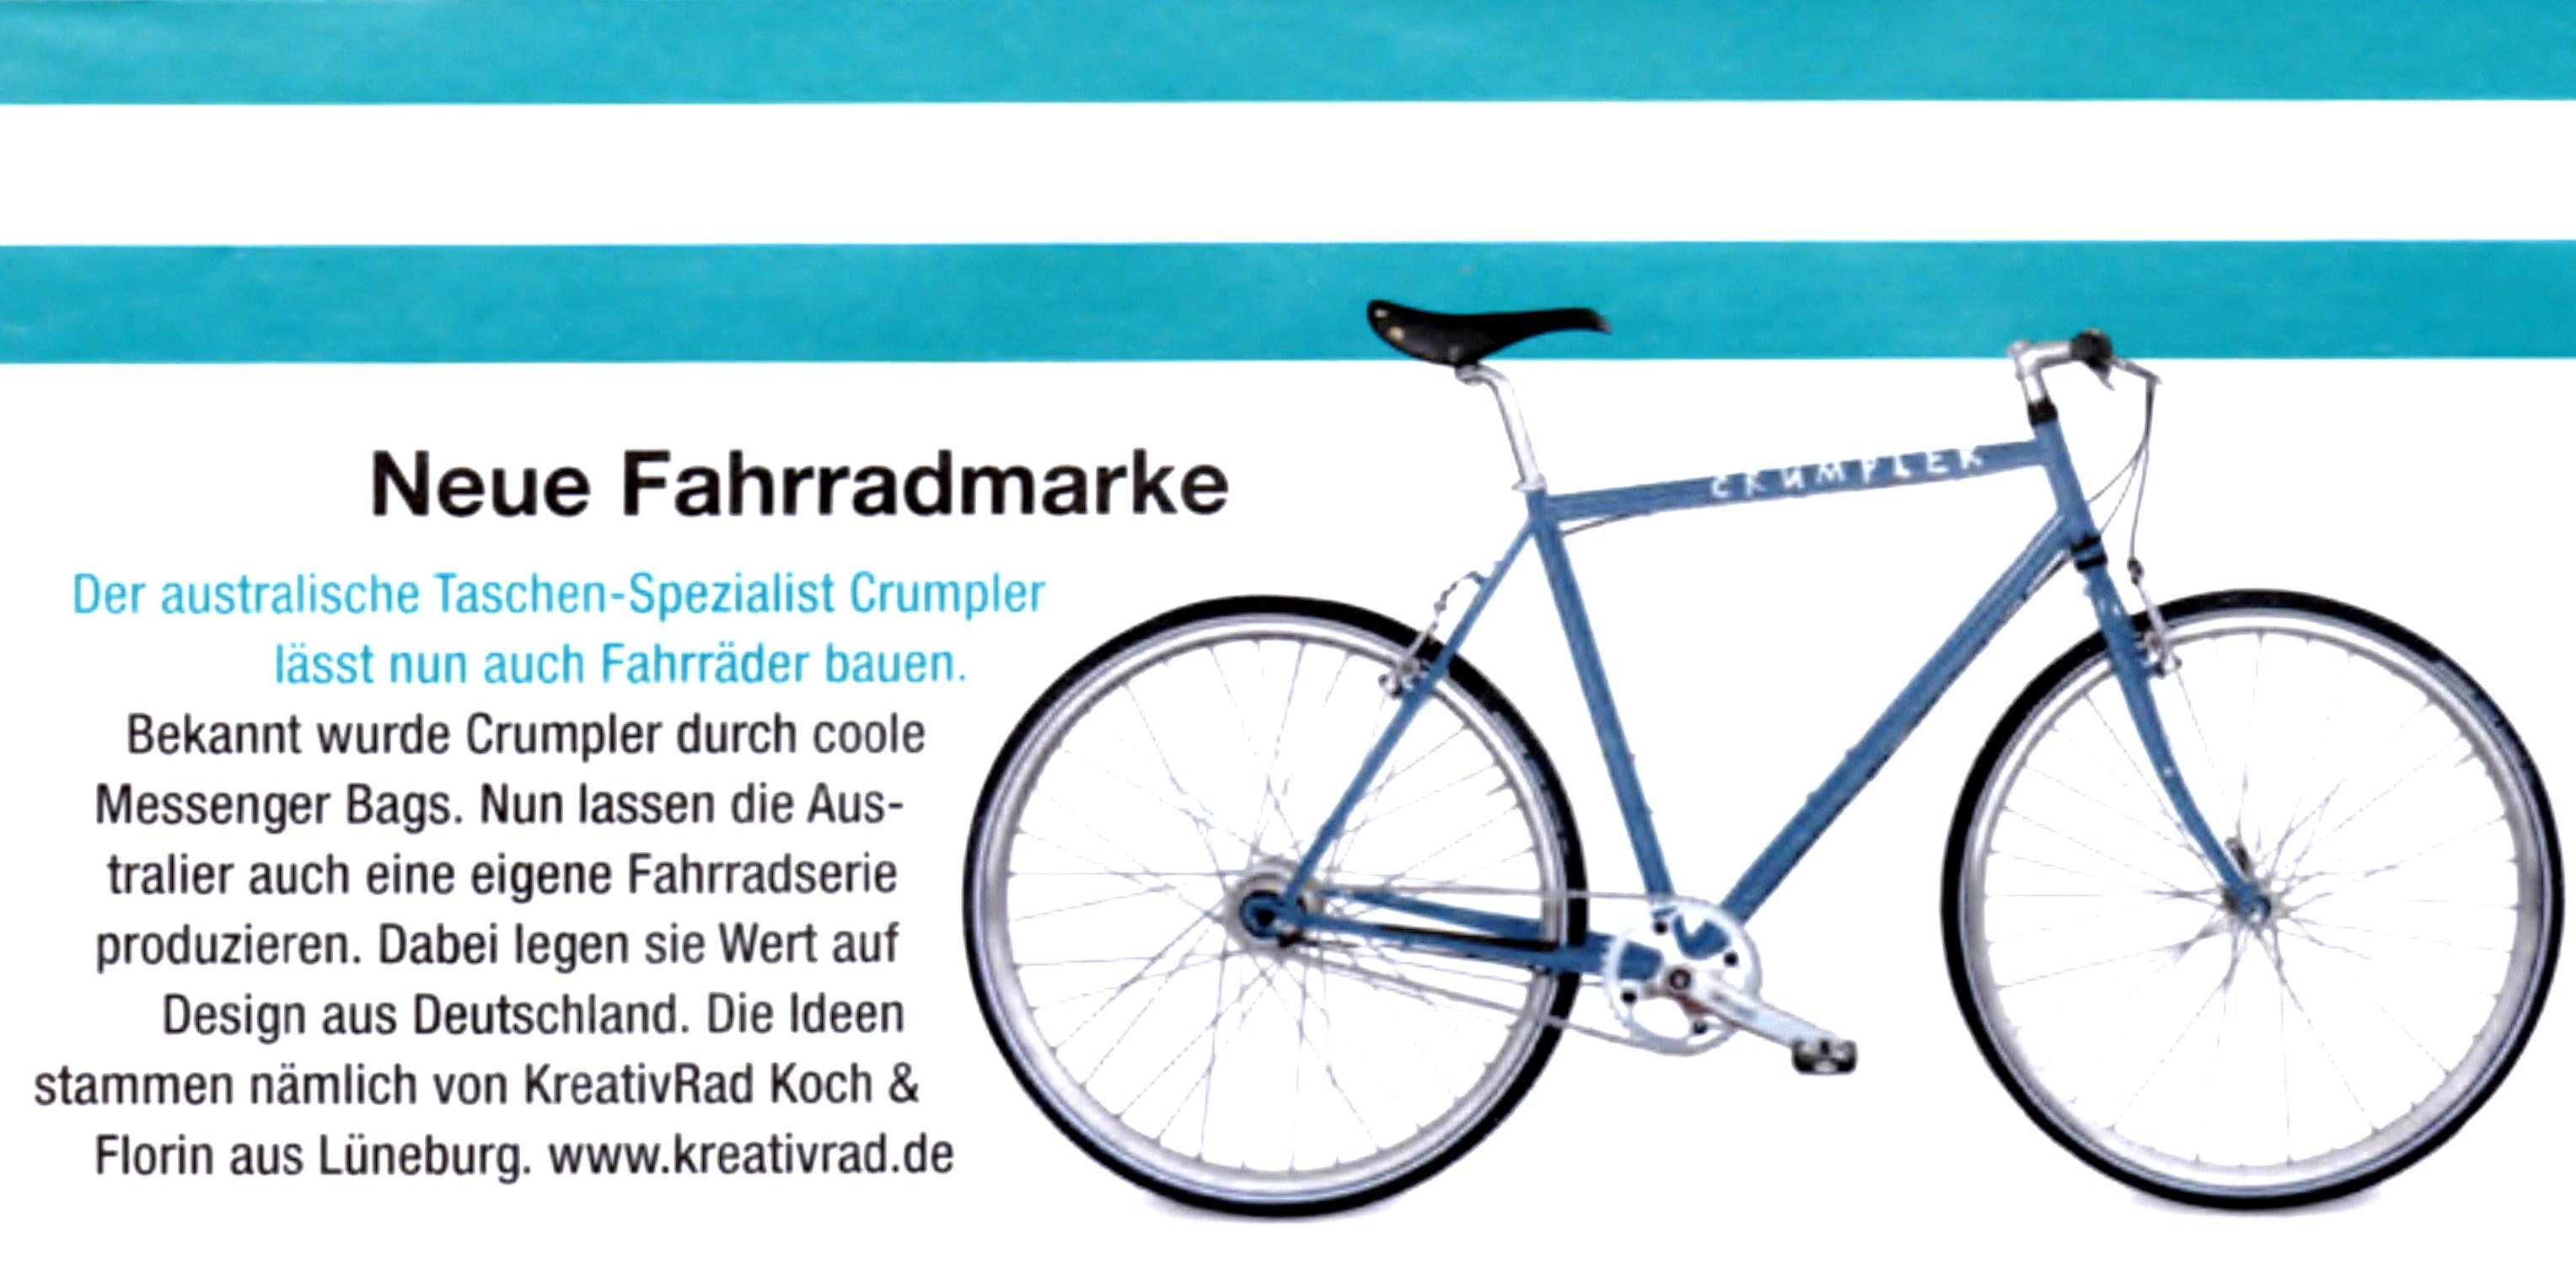 """Artikel über die Kooperation der Firma Crumpler und KreativRad """"Neue Fahrradmarke"""". Zu sehen ist ein blaues Crossbike mit dem Firmenschriftzug der Firma Crumpler. Das Crumpler Corporate Bike."""